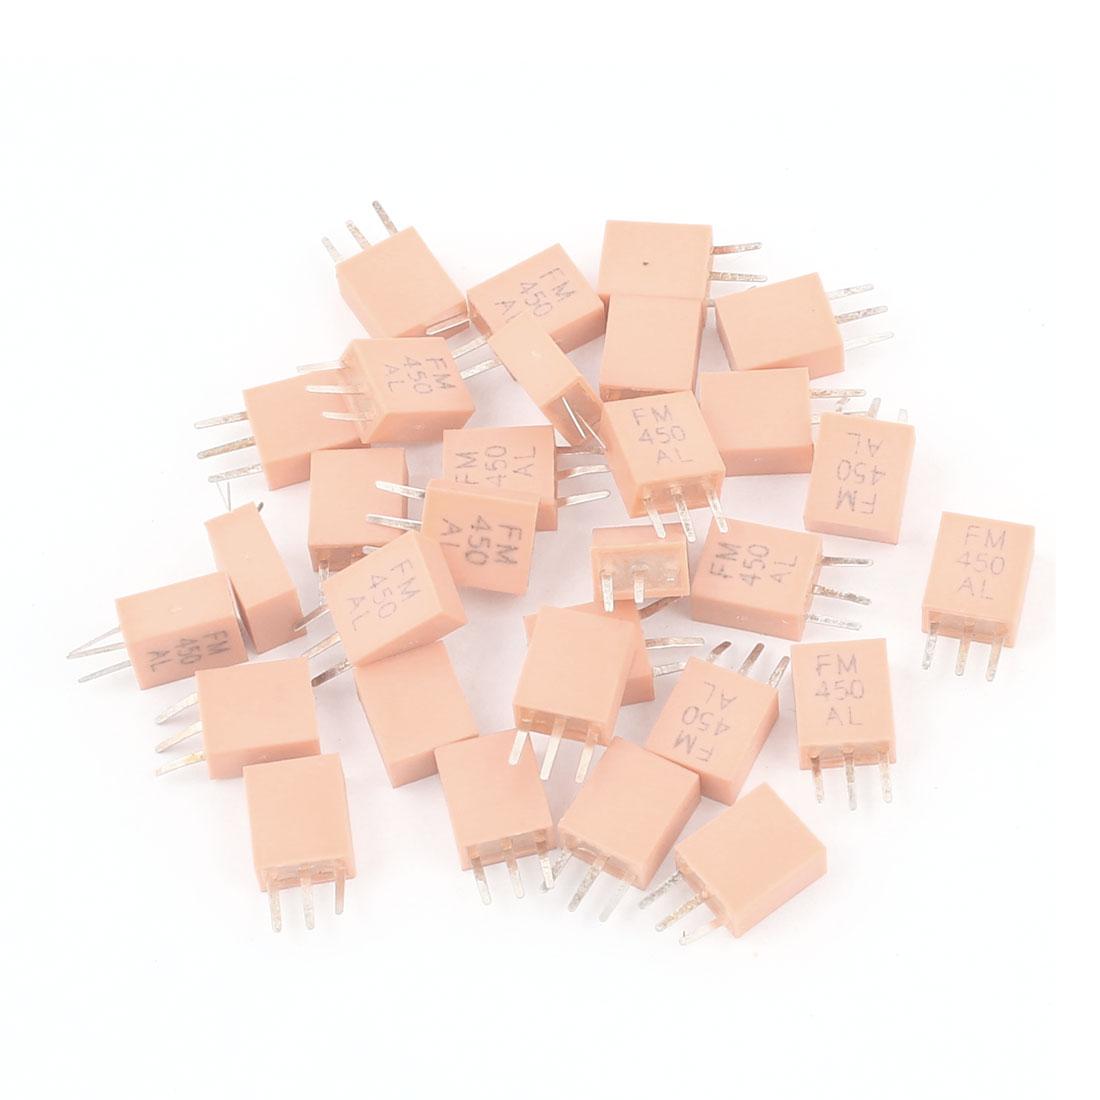 30 Pcs FM450AL 450KHz Frequency 3 Pins Ceramic Crystal Resonator